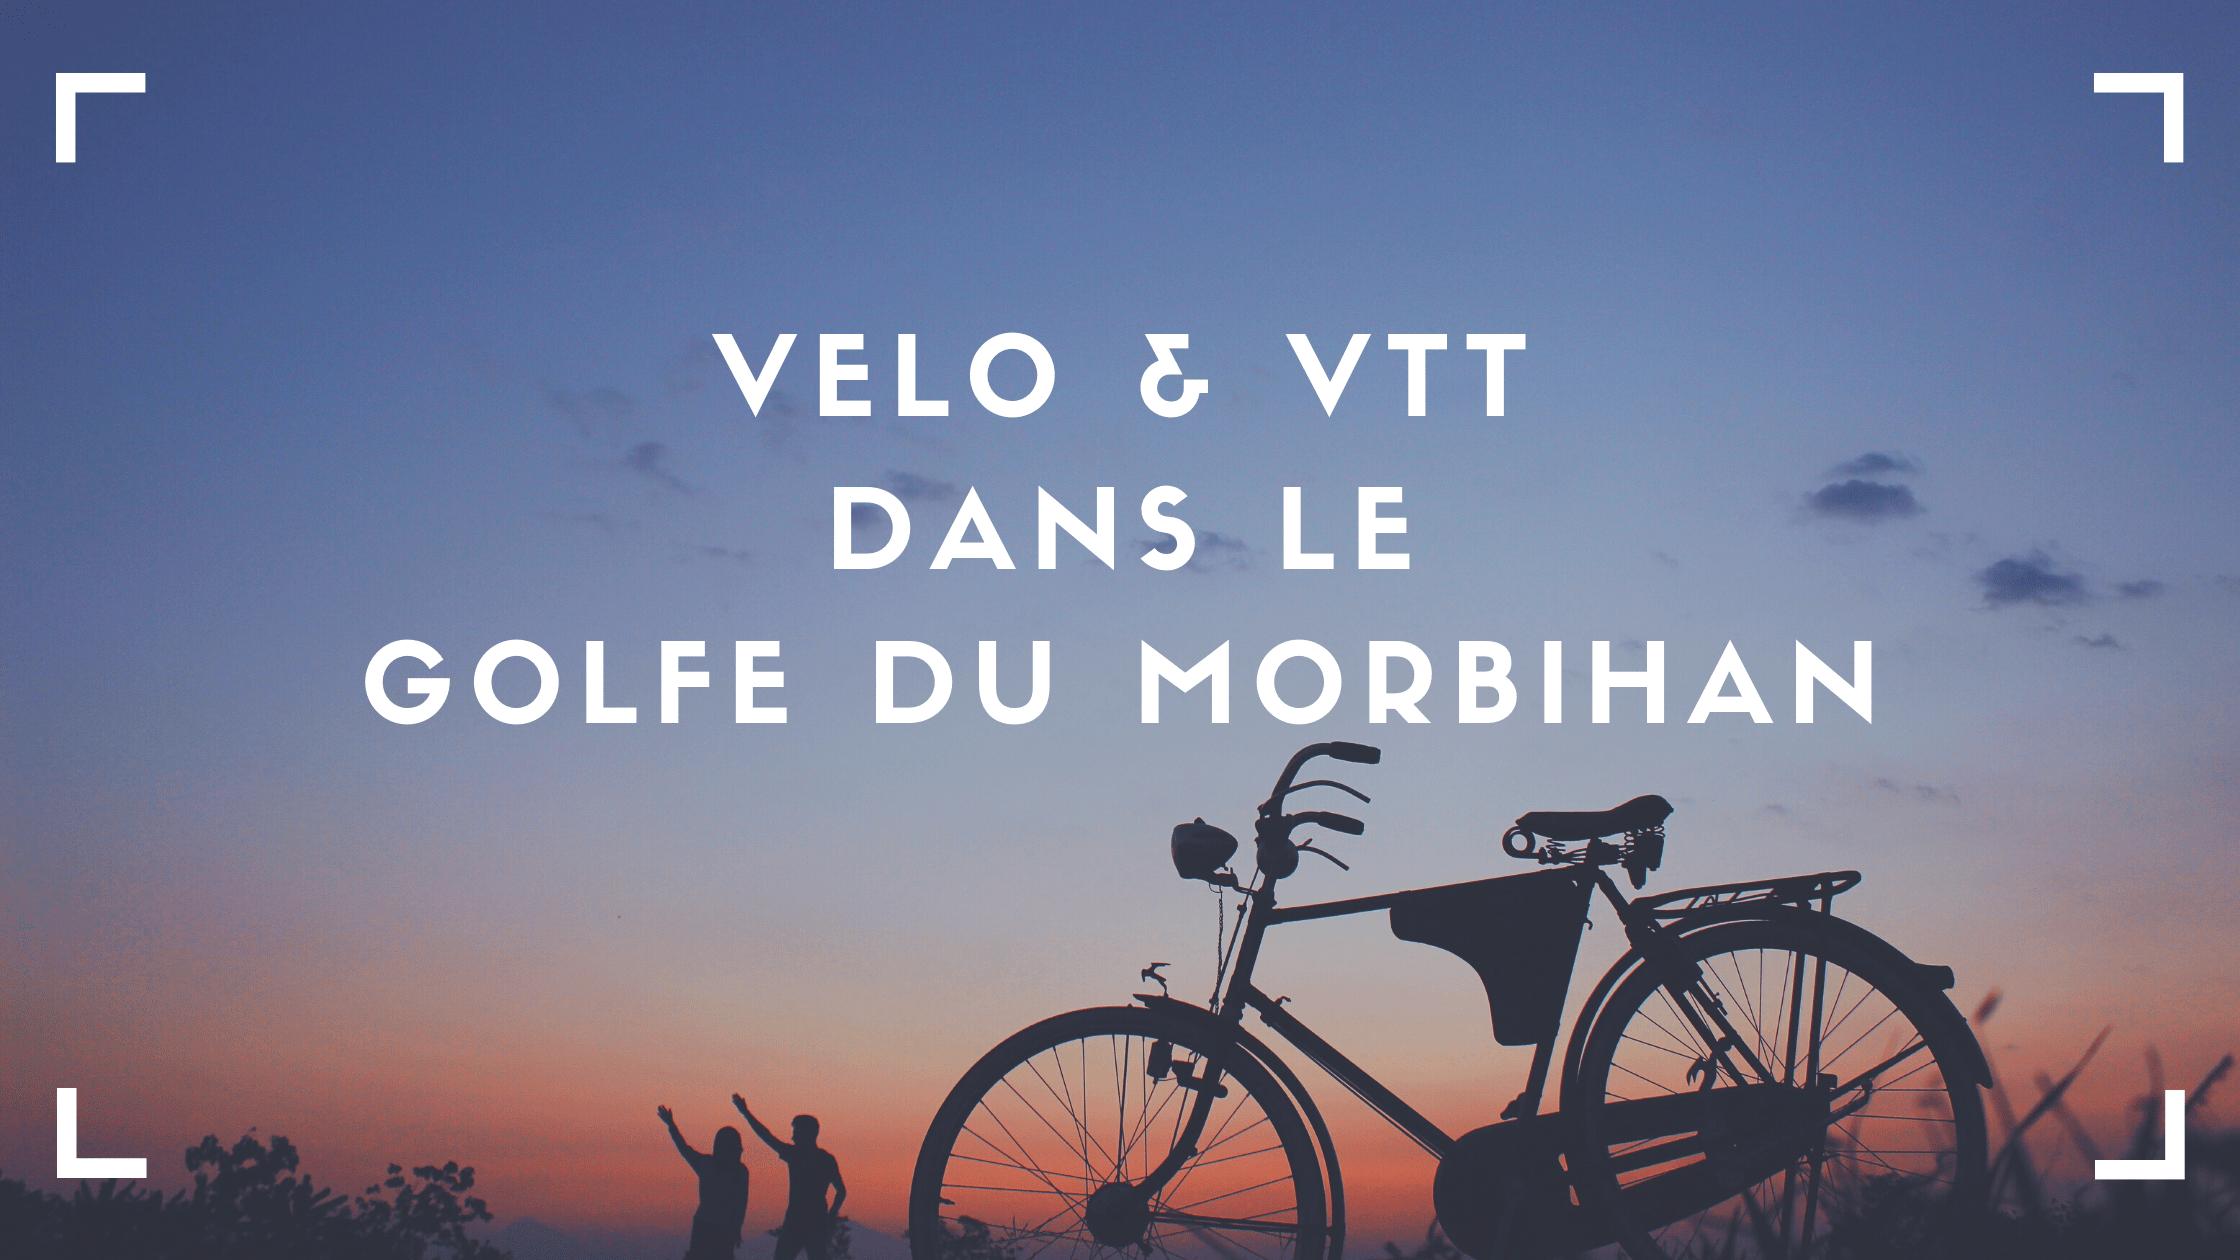 Balades à vélo dans le golfe du Morbihan